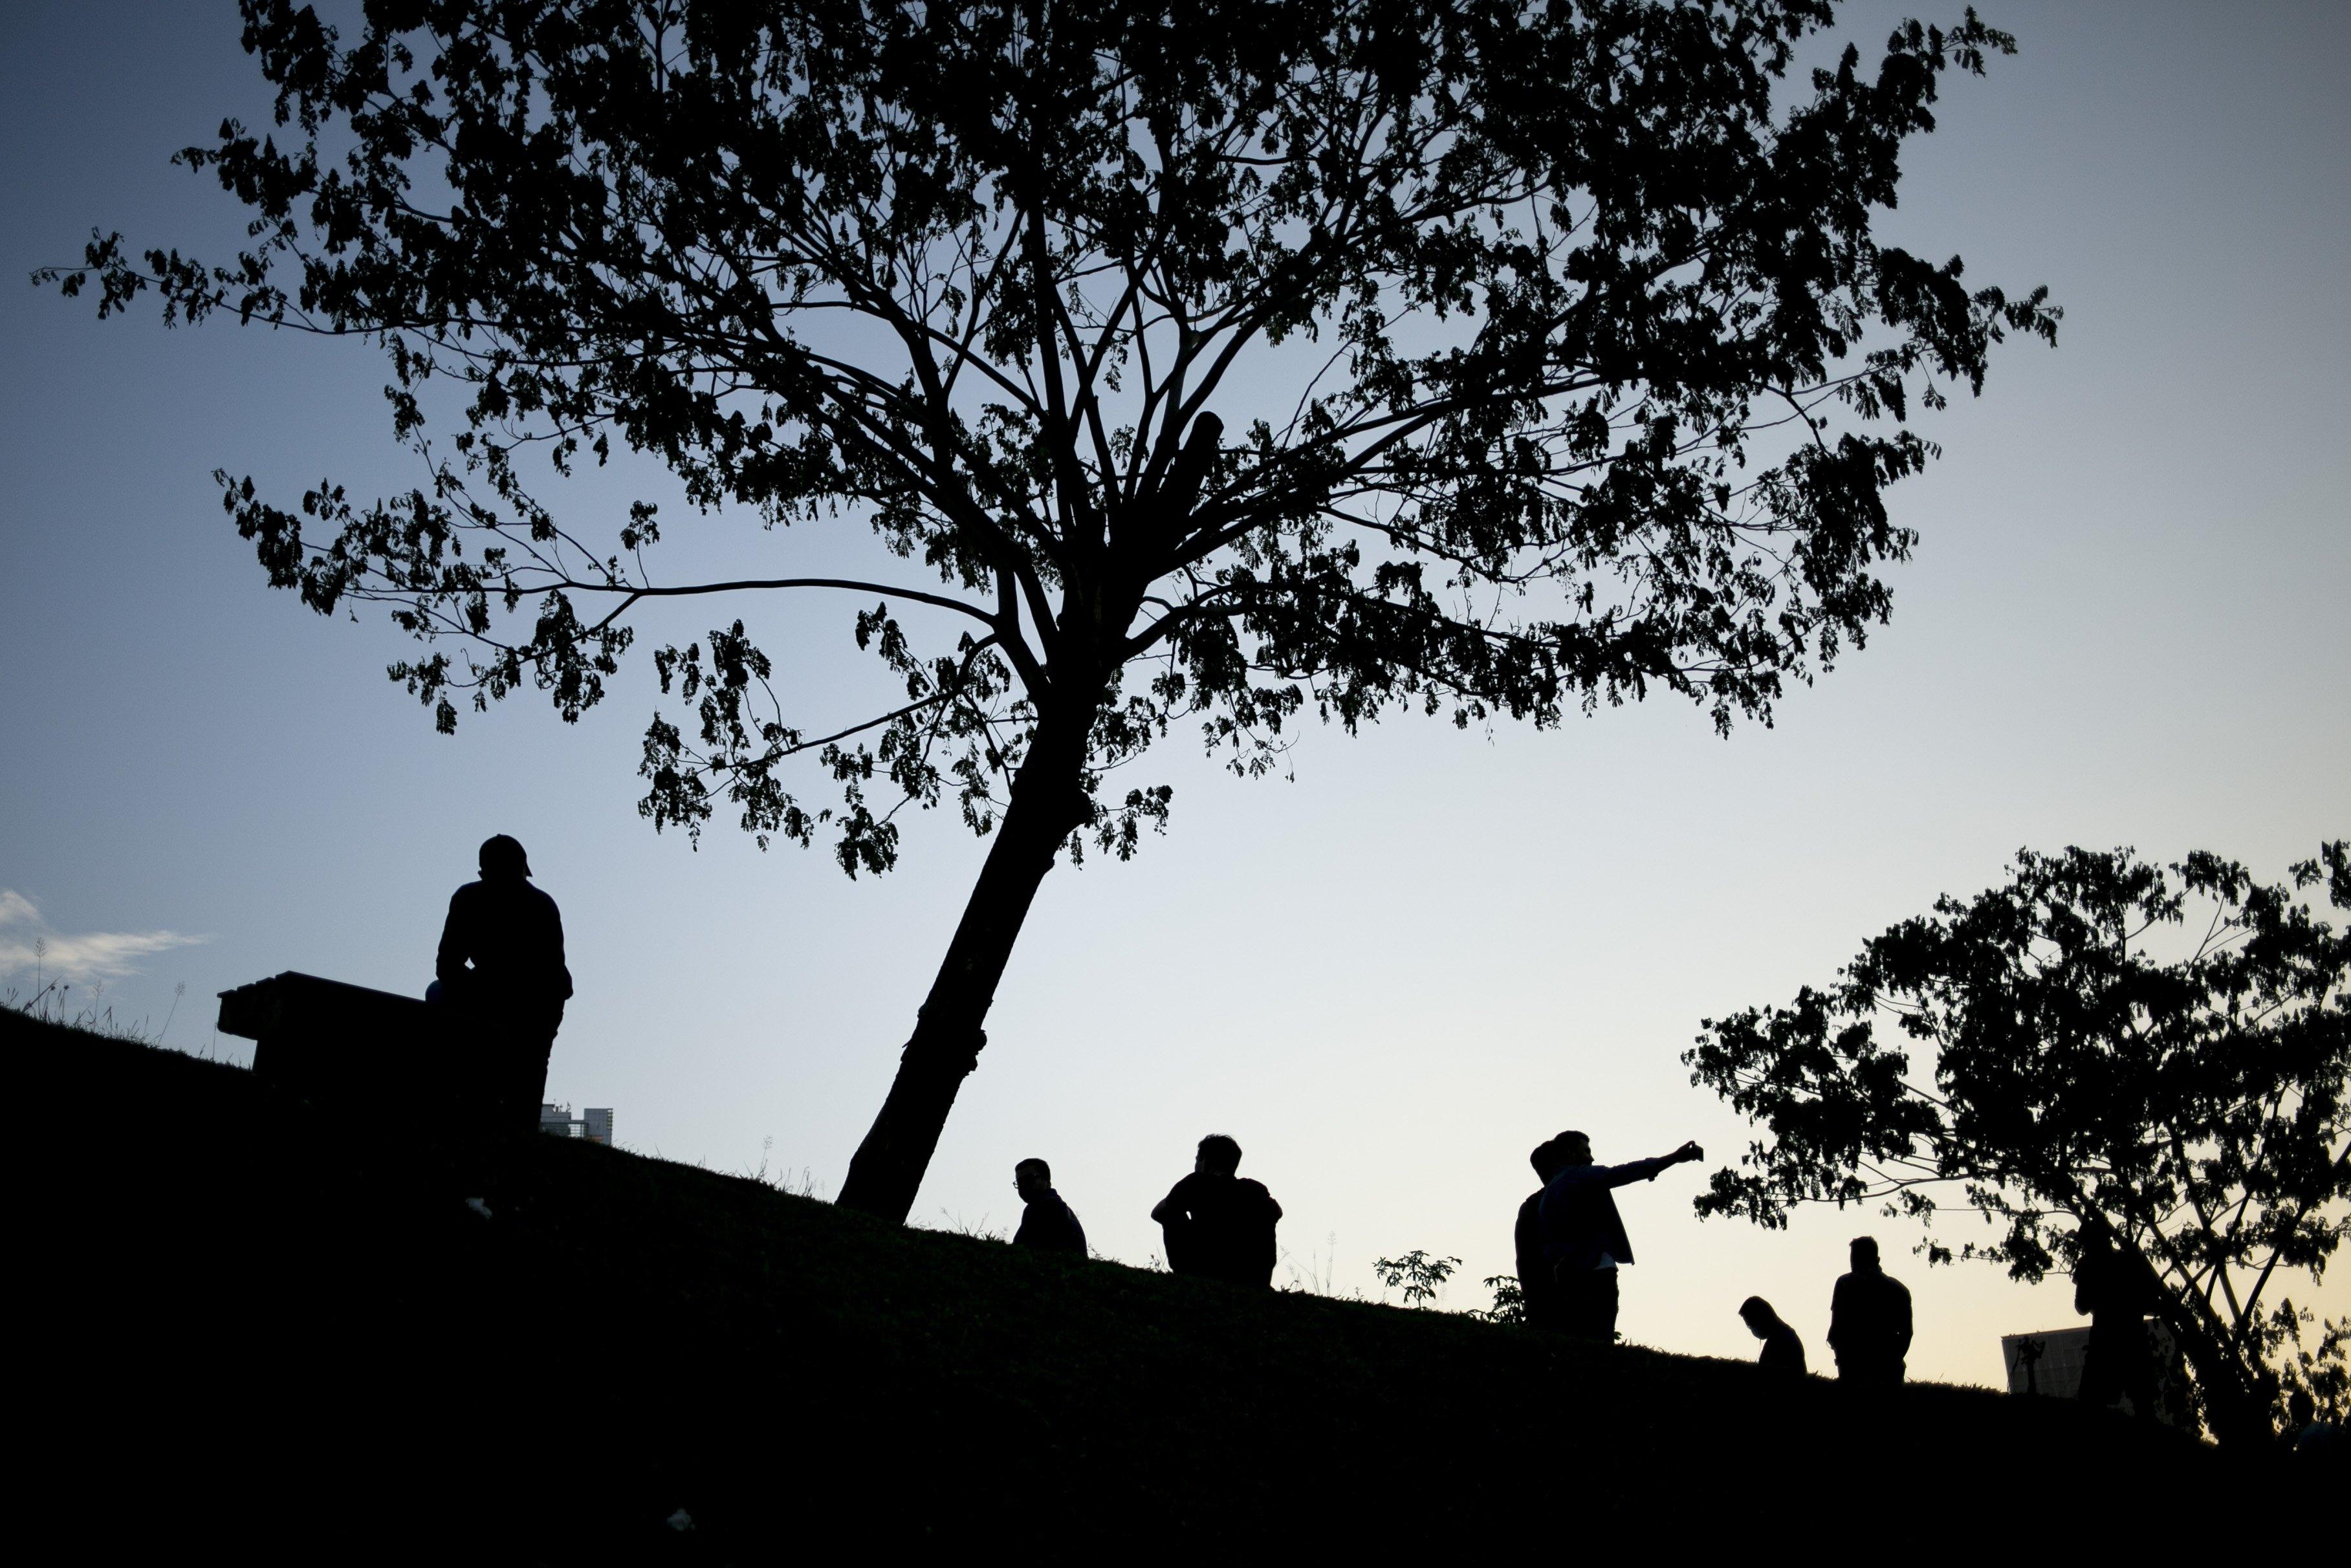 Warga beraktivitas di Hutan Kota Gelora Bung Karno (GBK), Senayan, Jakarta, Sabtu (22/08/2020). Pengunjung memanfaatkan pemandangan dan suasana Hutan Kota GBK untuk menghabiskan libur akhir pekan di tengah pandemi Covid-19, dengan tetap menerapkan protokol kesehatan seperti berjaga jarak dan menggunakan masker.